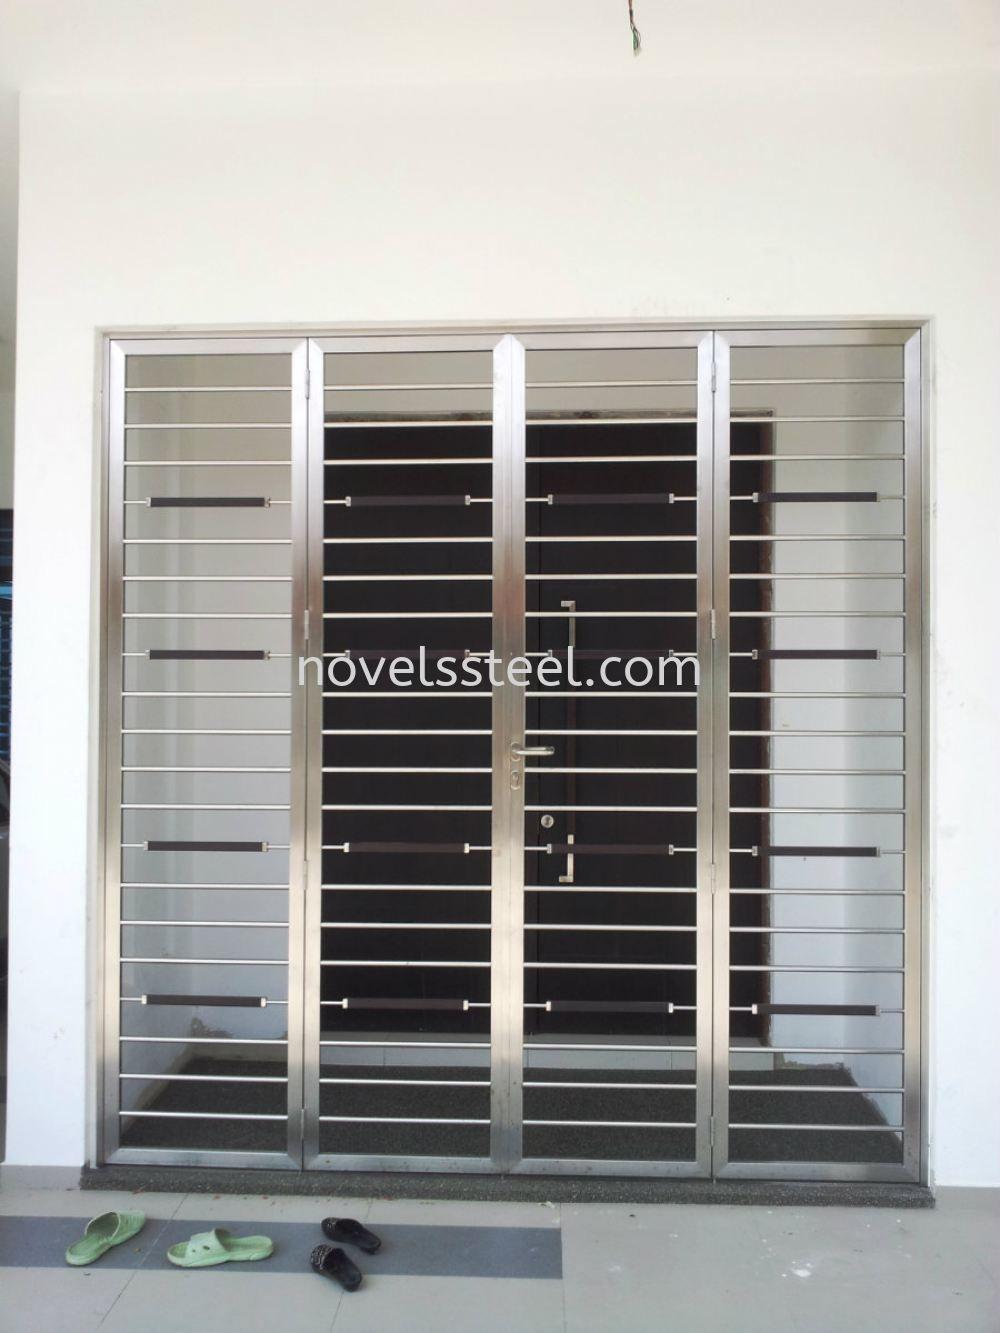 Stainless Steel Double door 020 Stainless Steel Double door